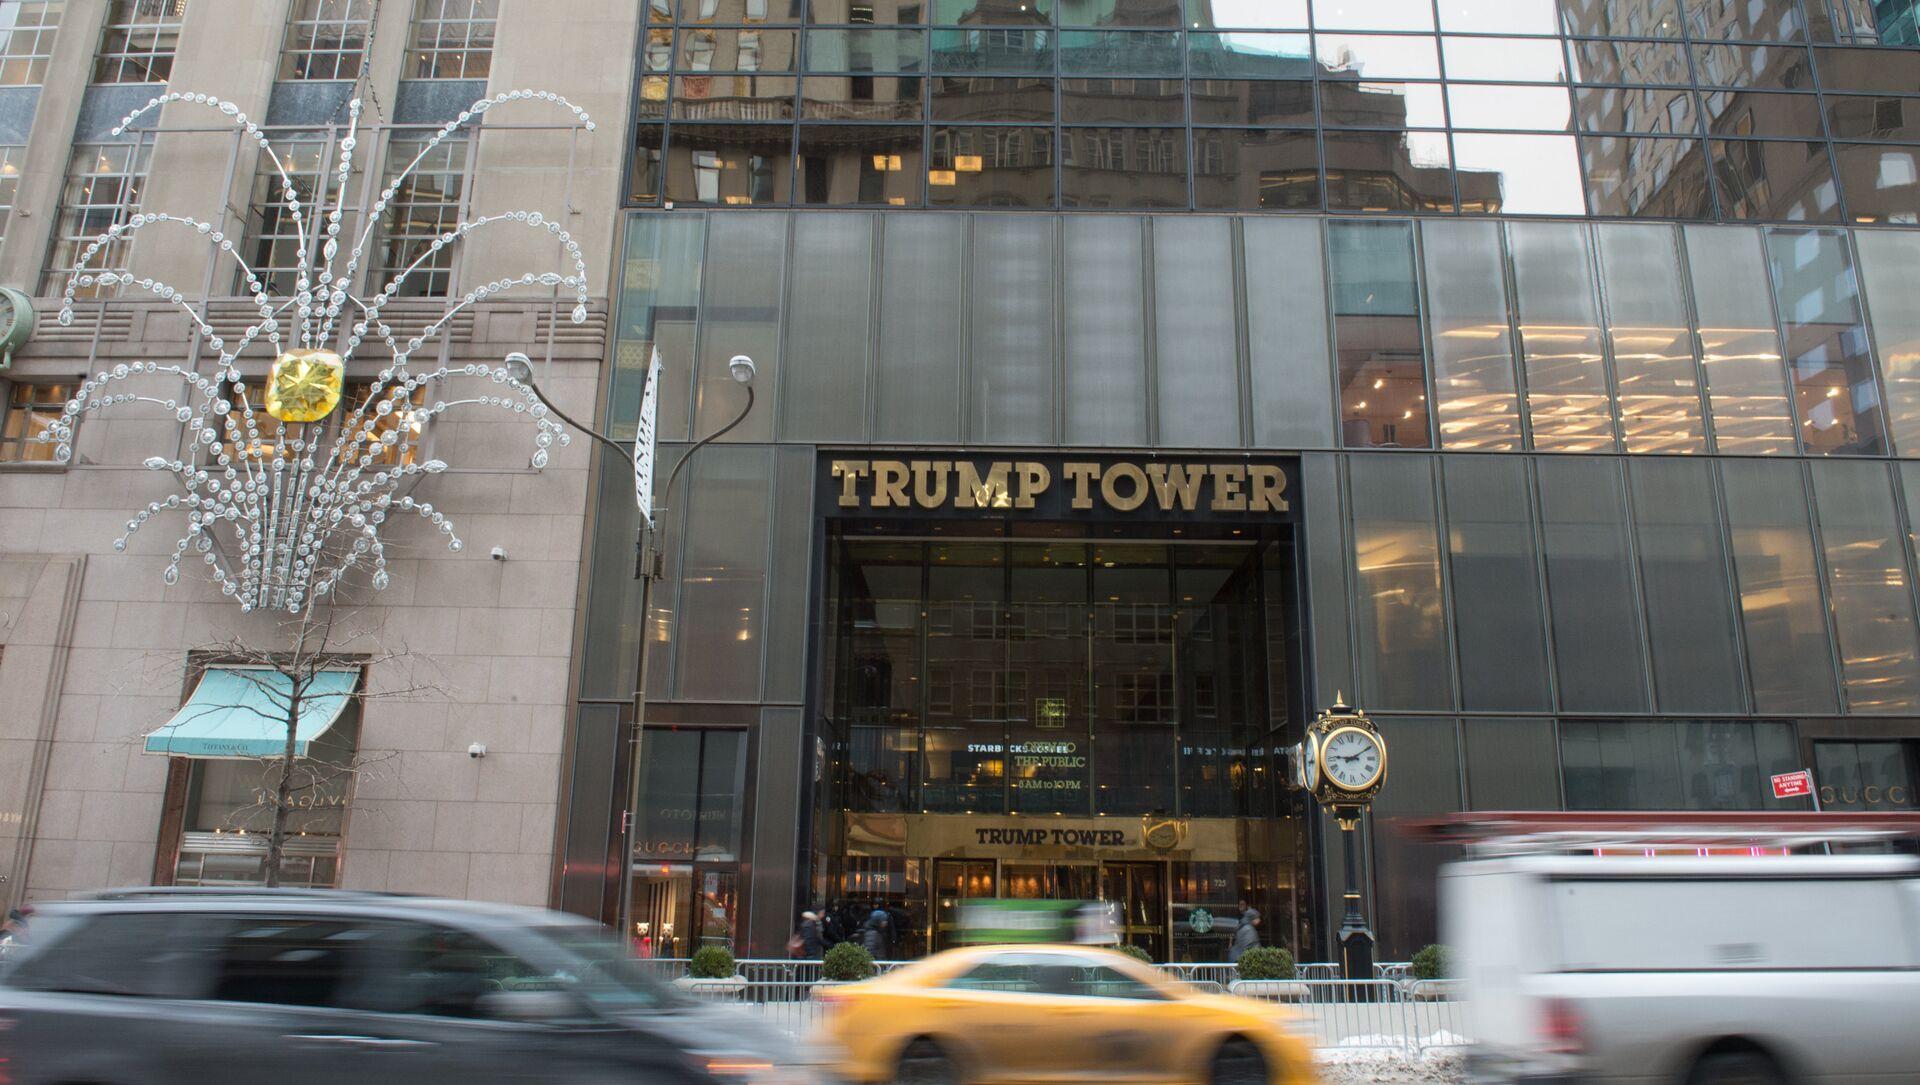 Trump Tower Fifth Avenue New York - Sputnik Türkiye, 1920, 19.05.2021